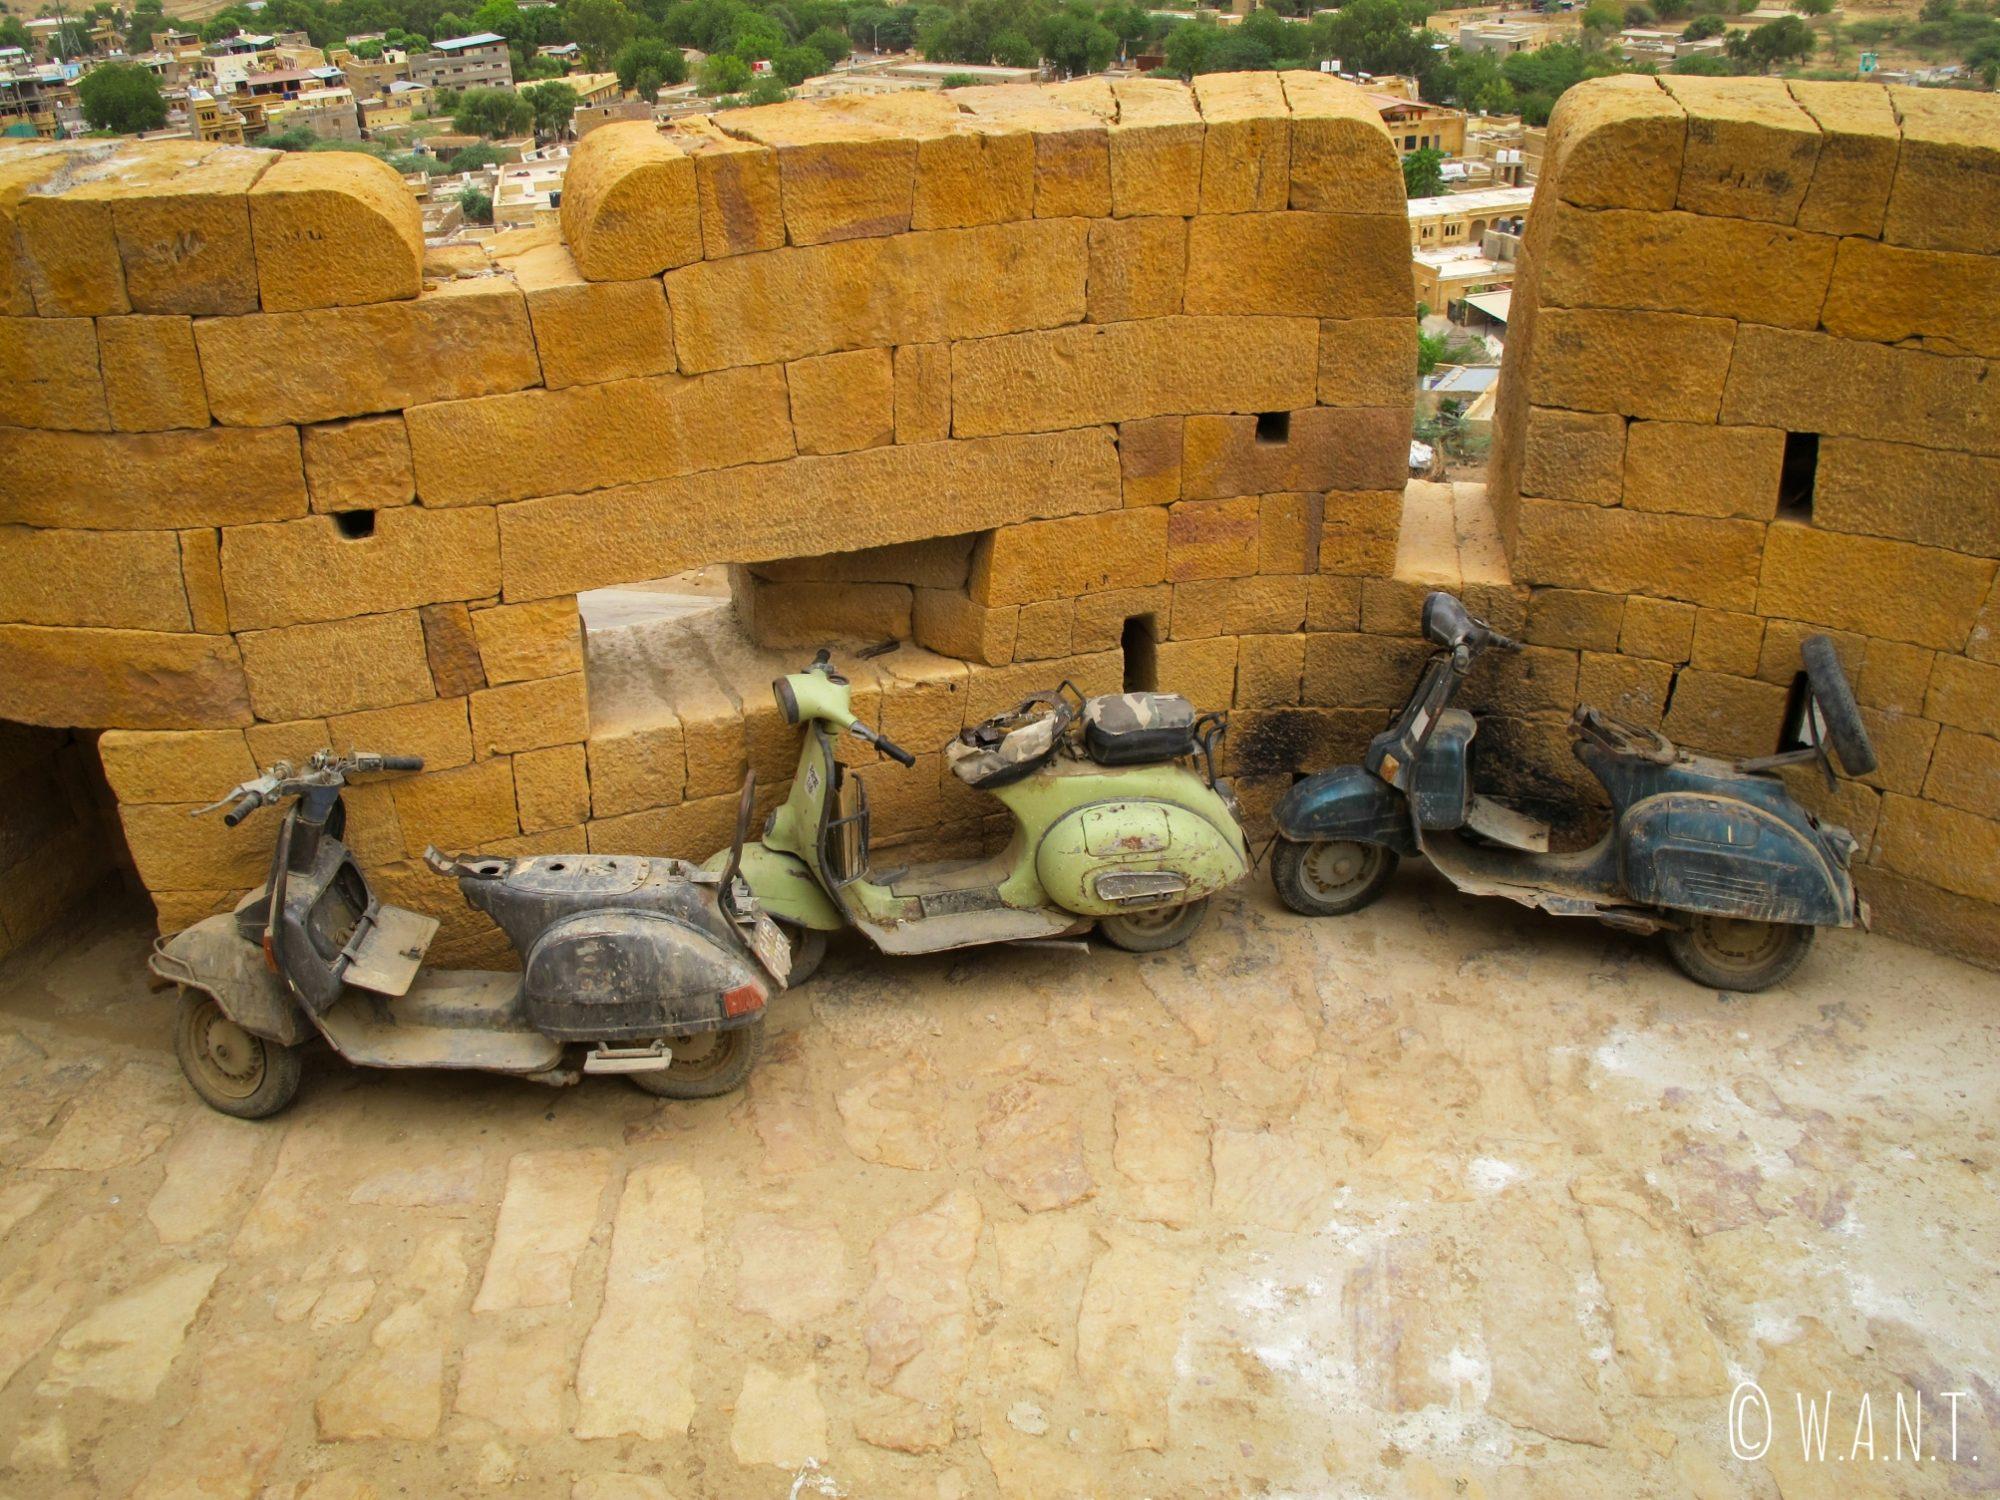 Seuls les scooters et motos peuvent circuler dans les rues du fort de Jaisalmer